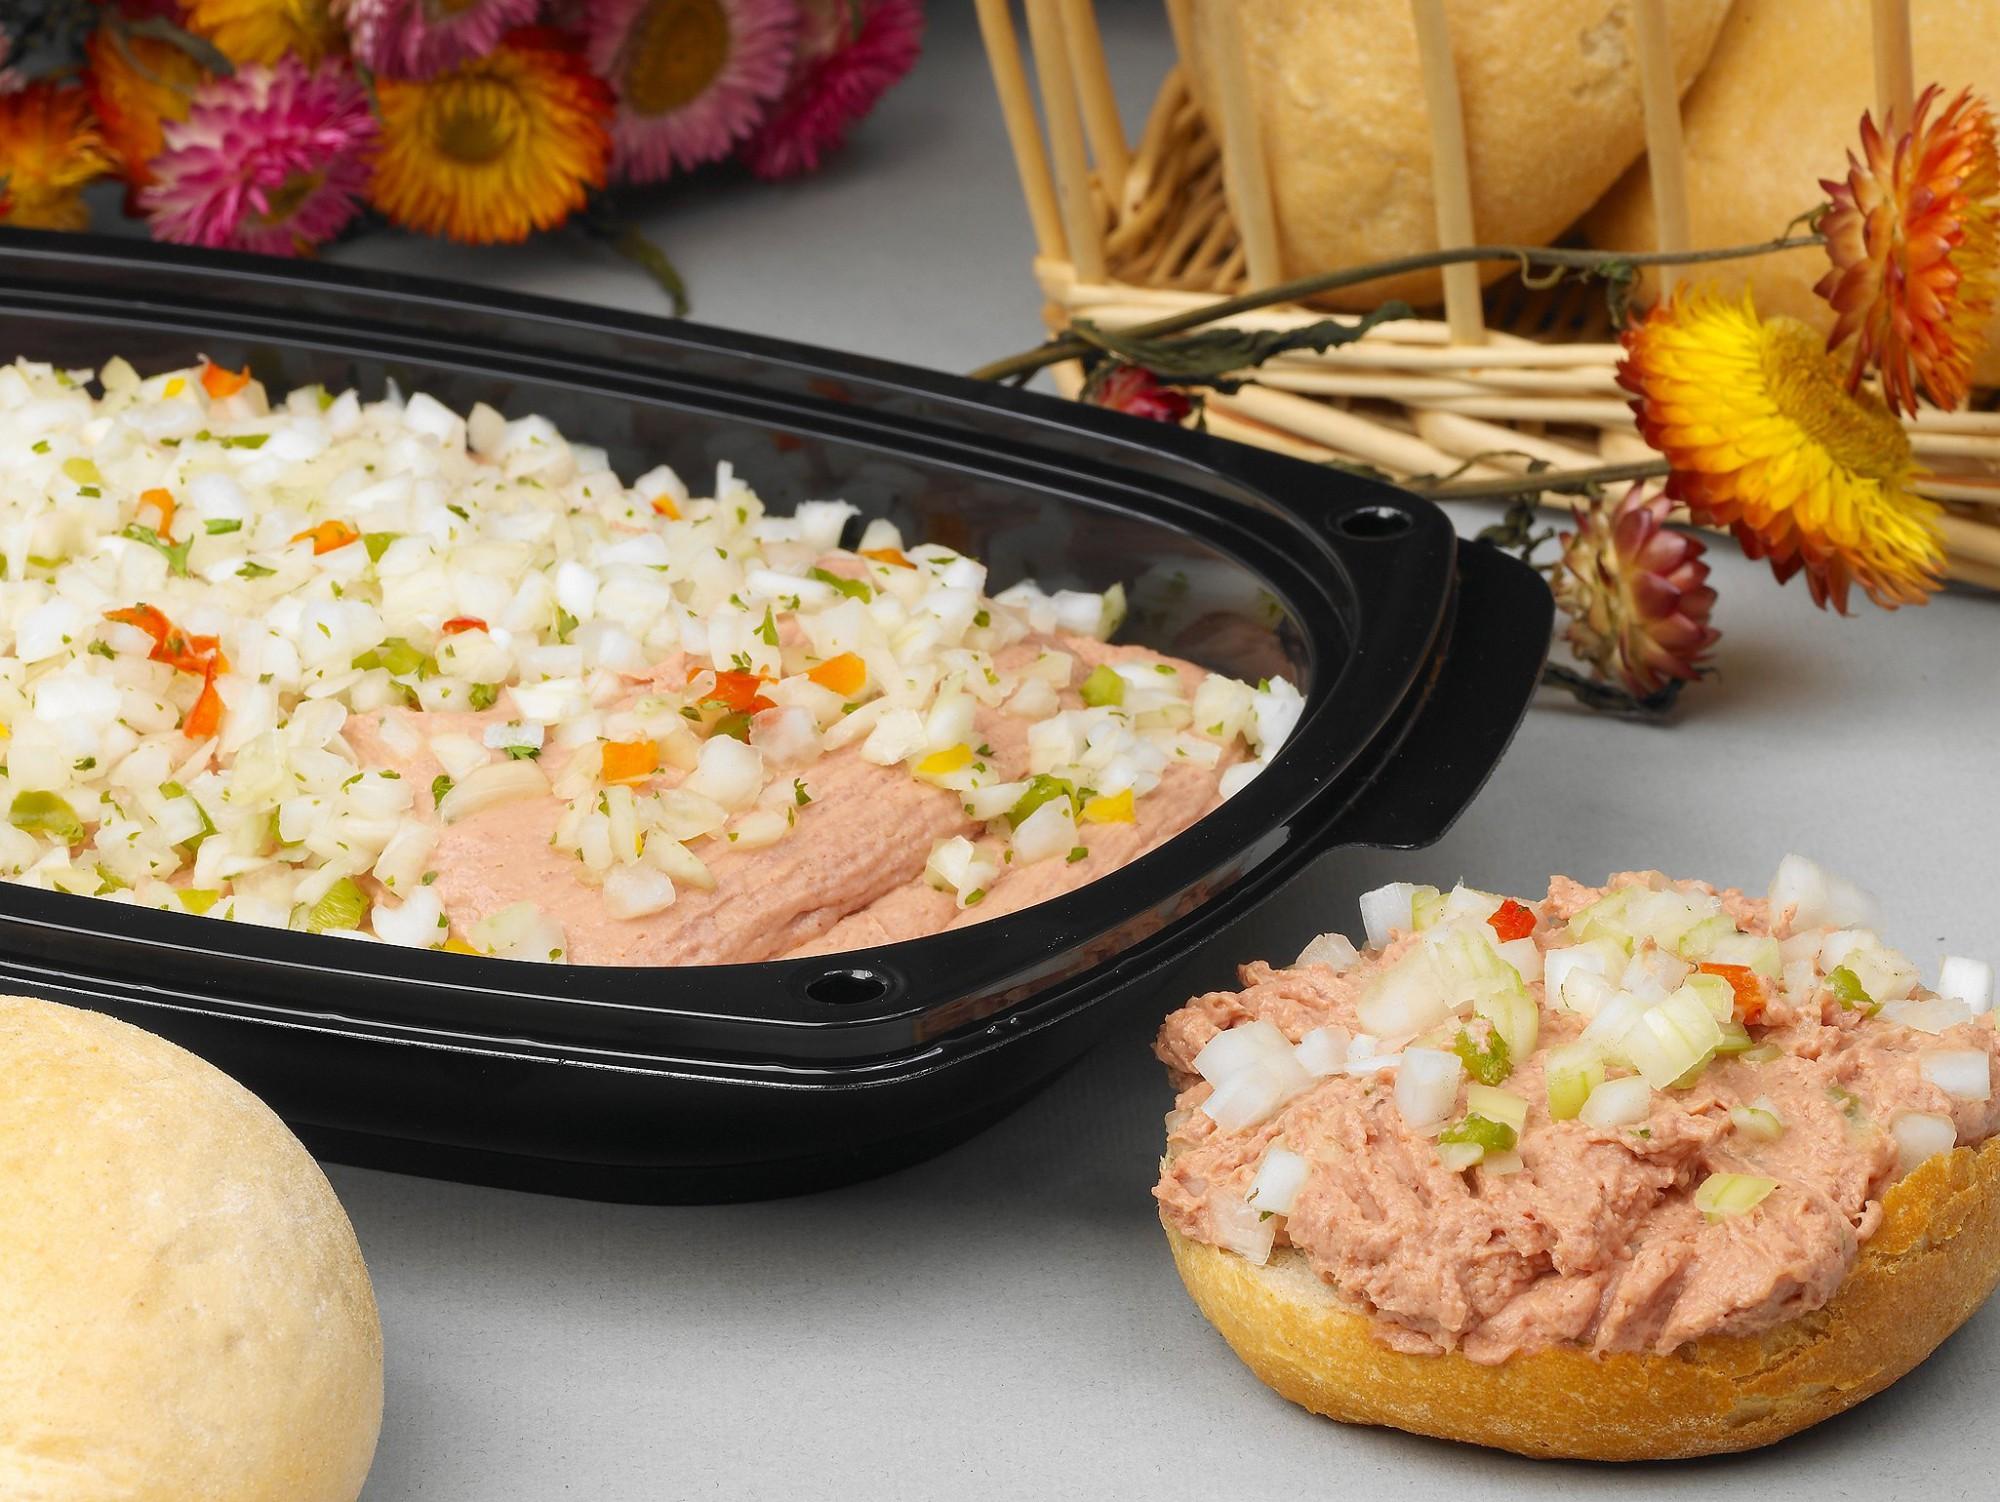 Afbeelding: Food fotografie voor APG, studio fotografie.